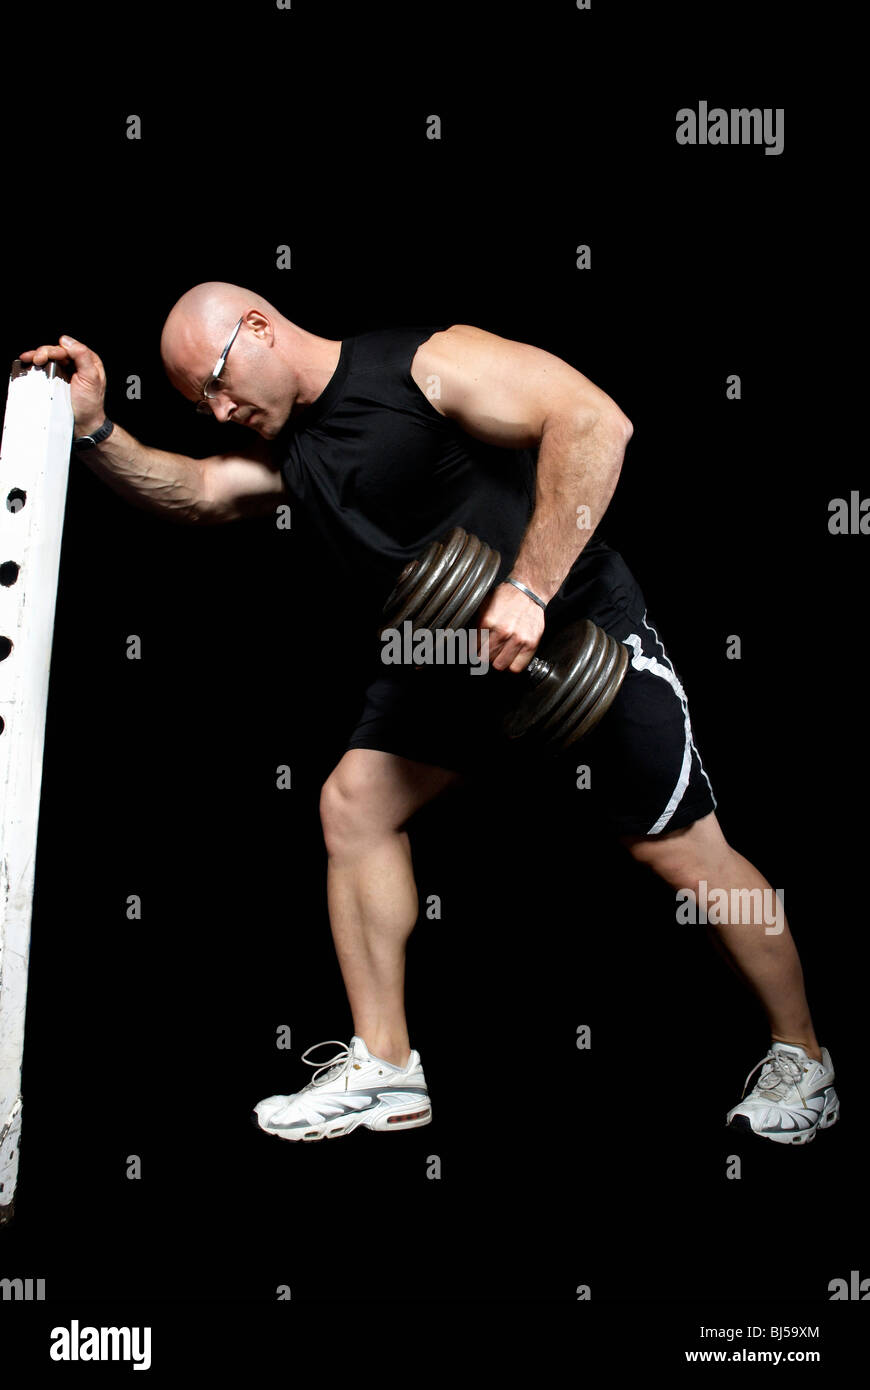 bodybuilder lifting dumbbell - Stock Image